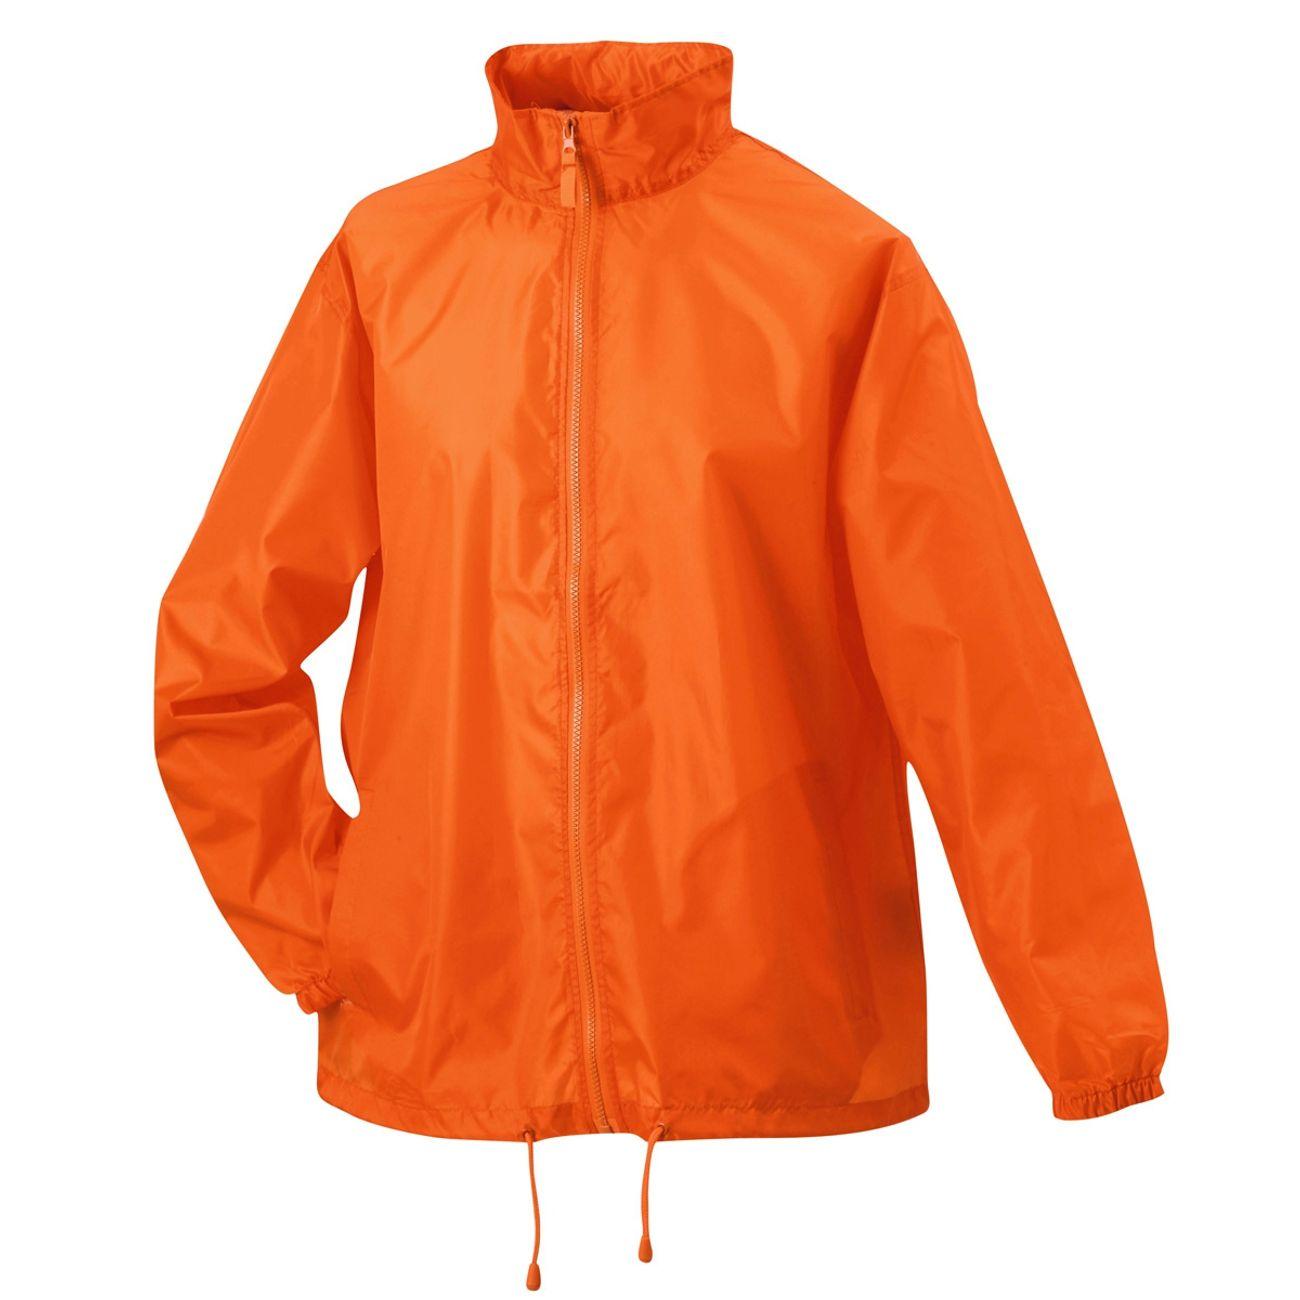 Veste coupe-vent imperméable HOMME FEMME JN195 - orange - achat et prix pas cher - Go Sport